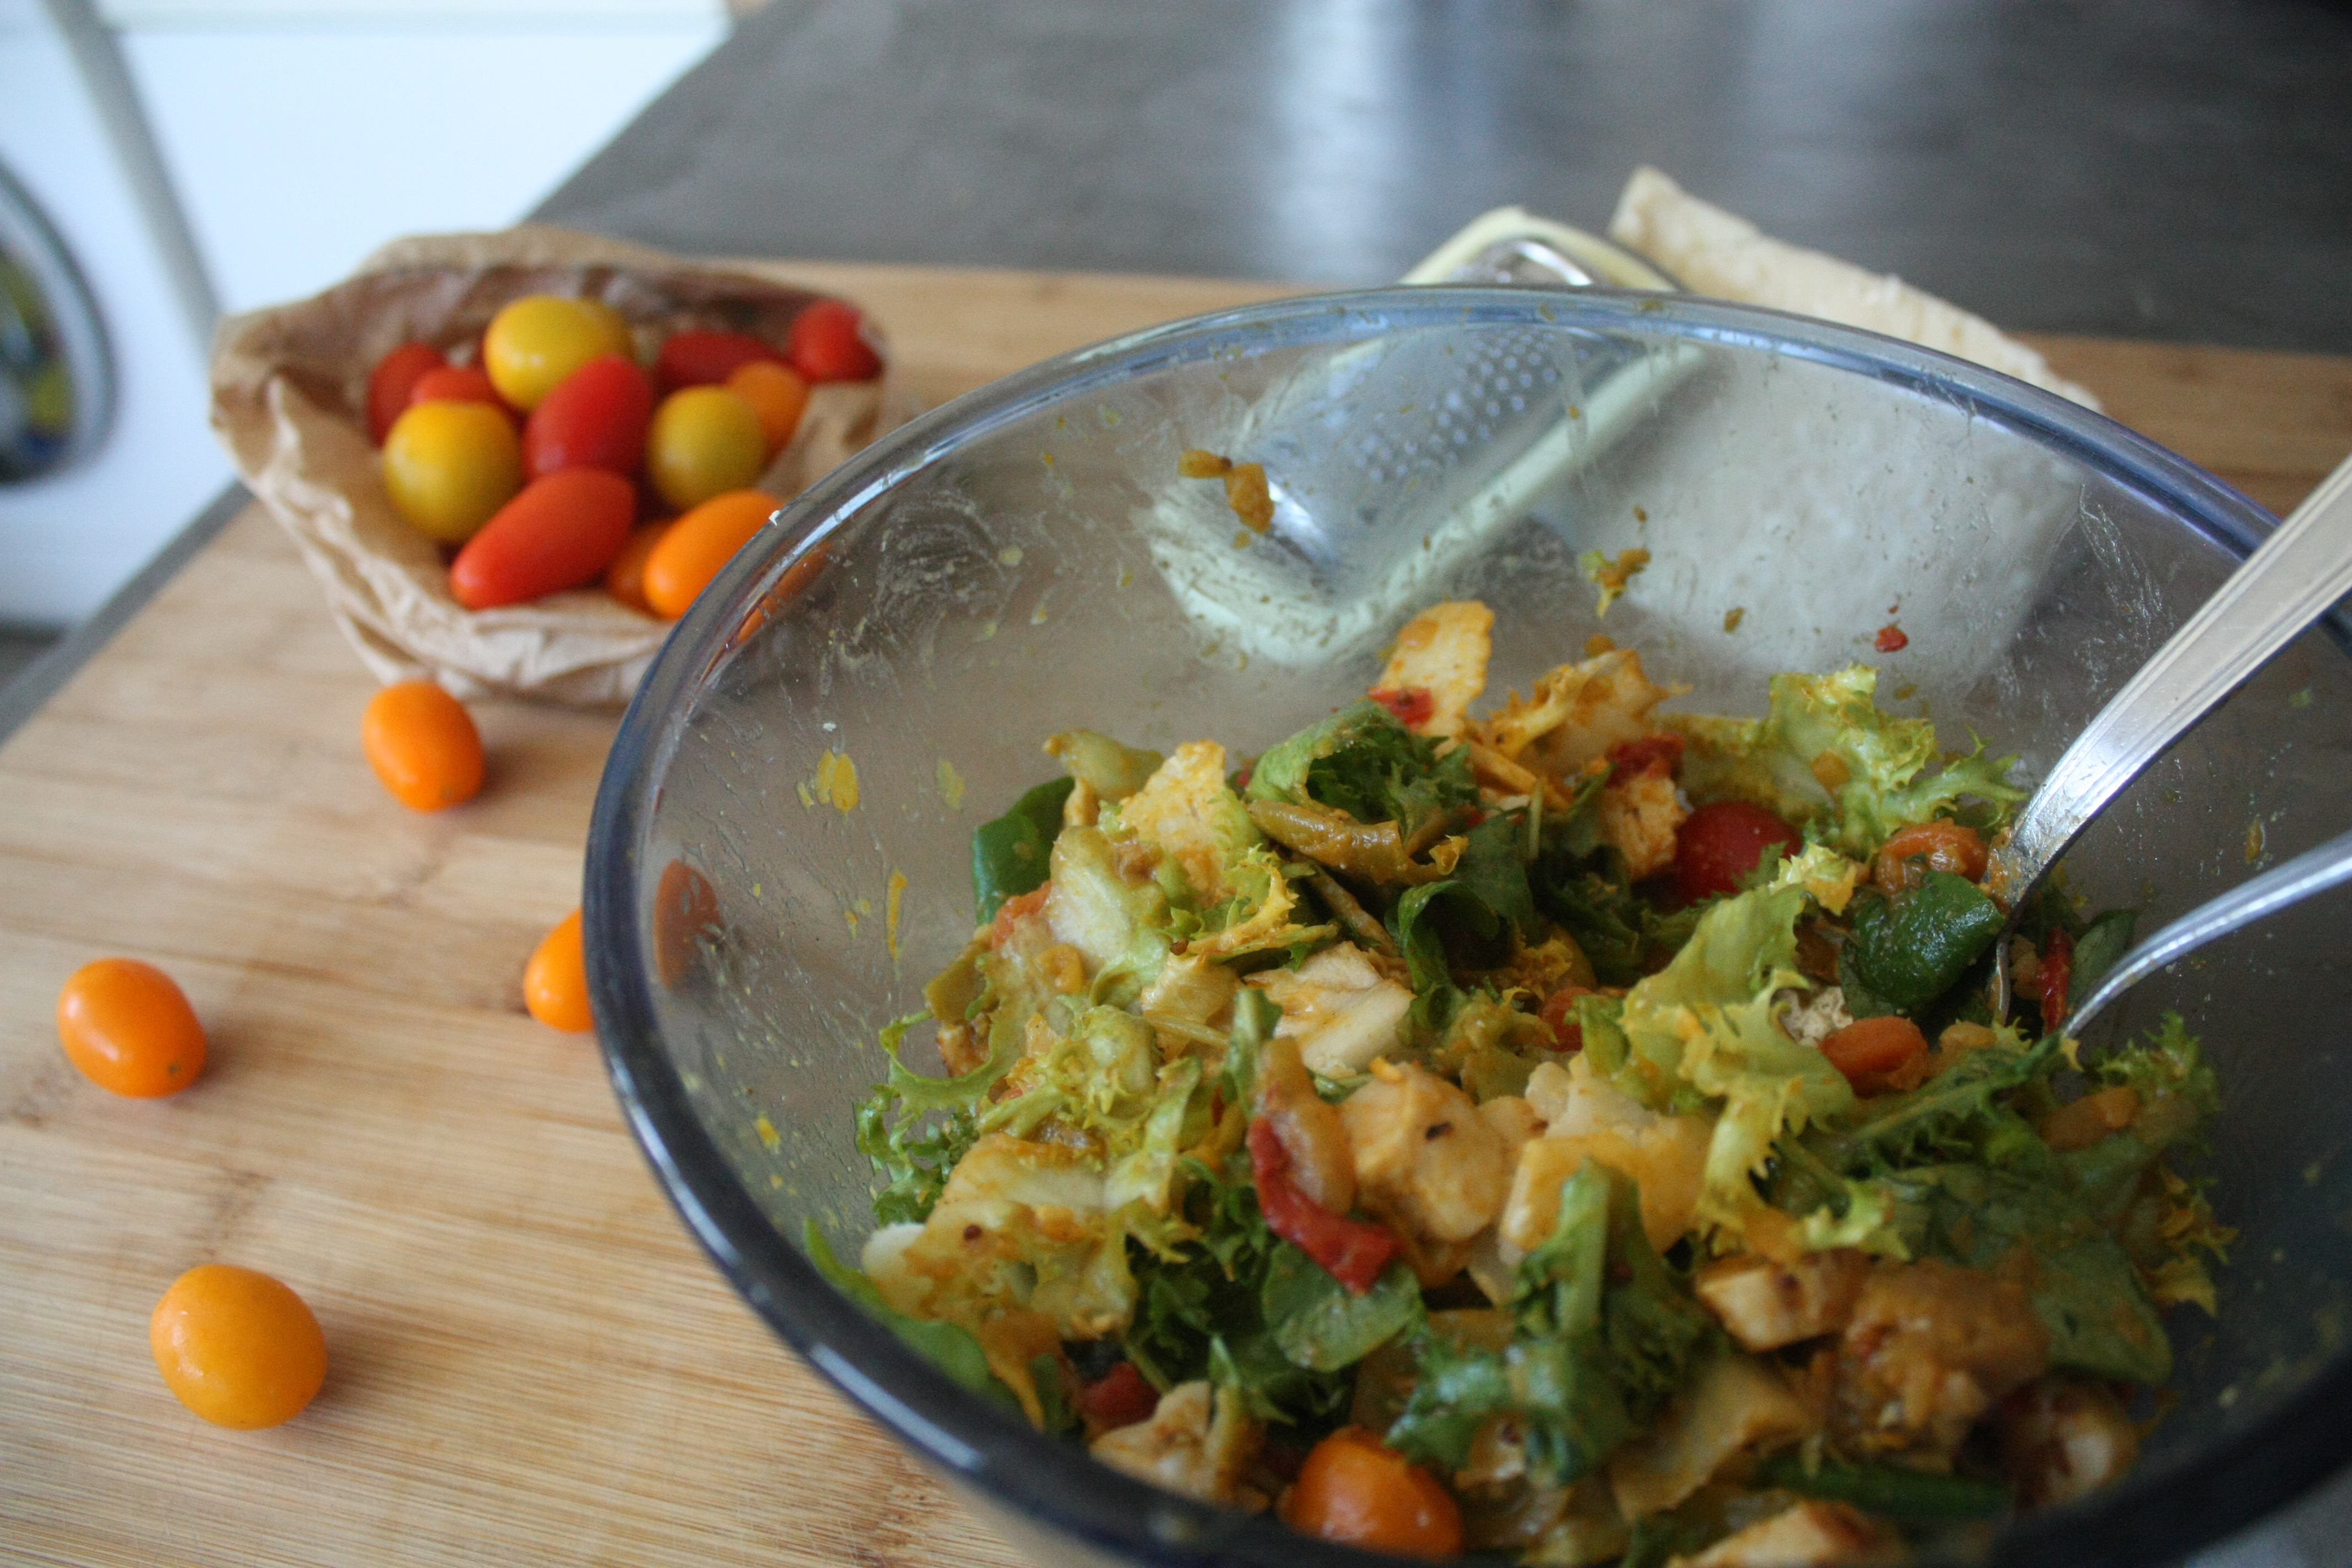 Salade indienne au poulet rôti et parmesan